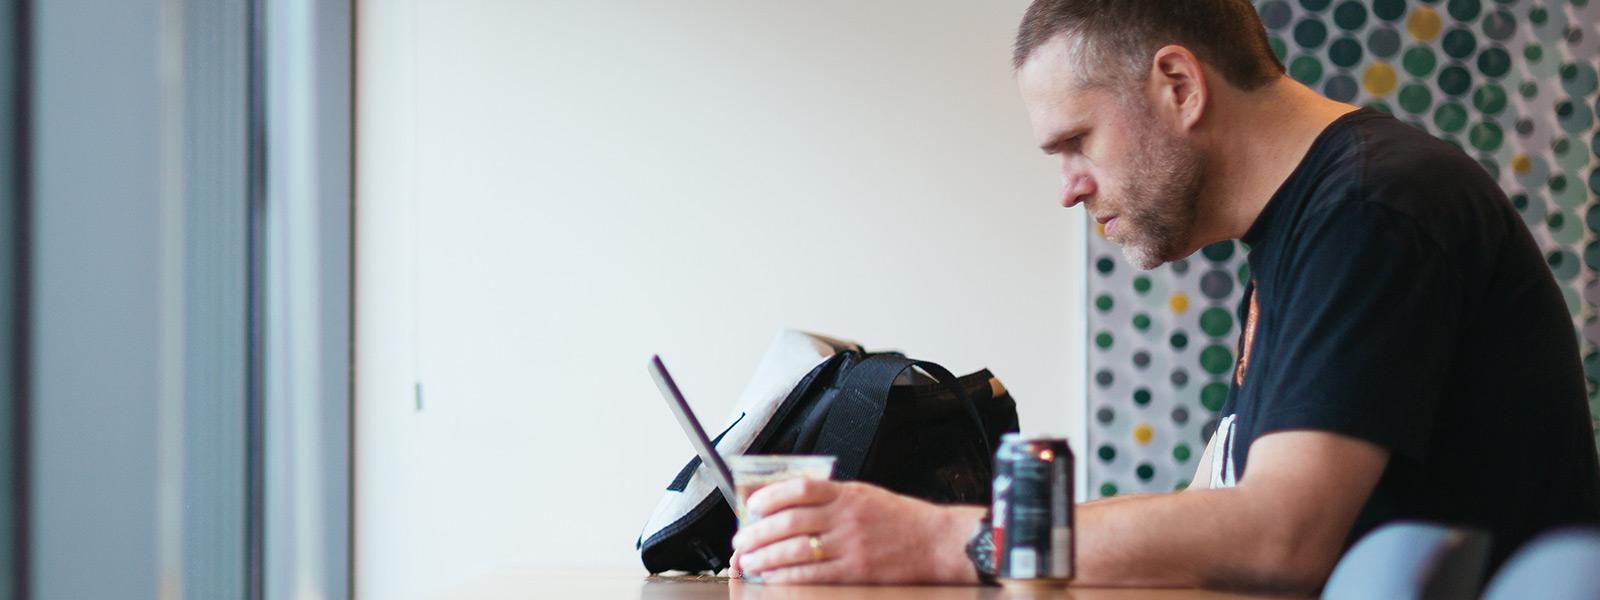 גבר יושב לצד שולחן ועובד על מחשב עם Windows 10